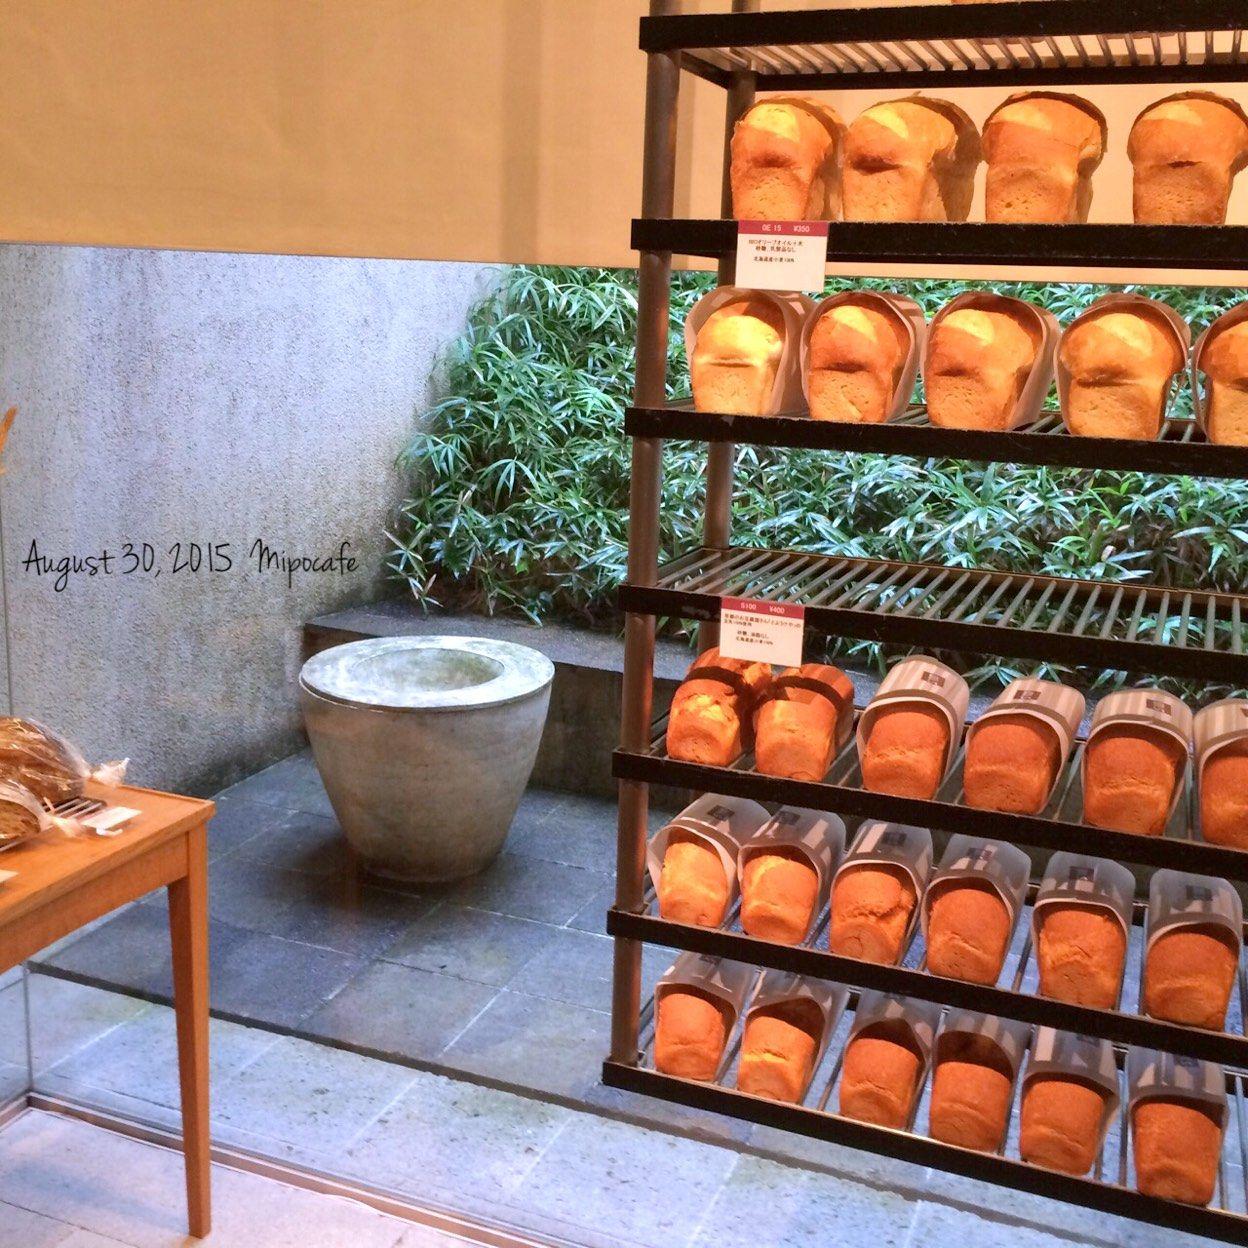 ワクワクした朝を迎えよう!東京都内で食べておきたい「食パン専門店」6選